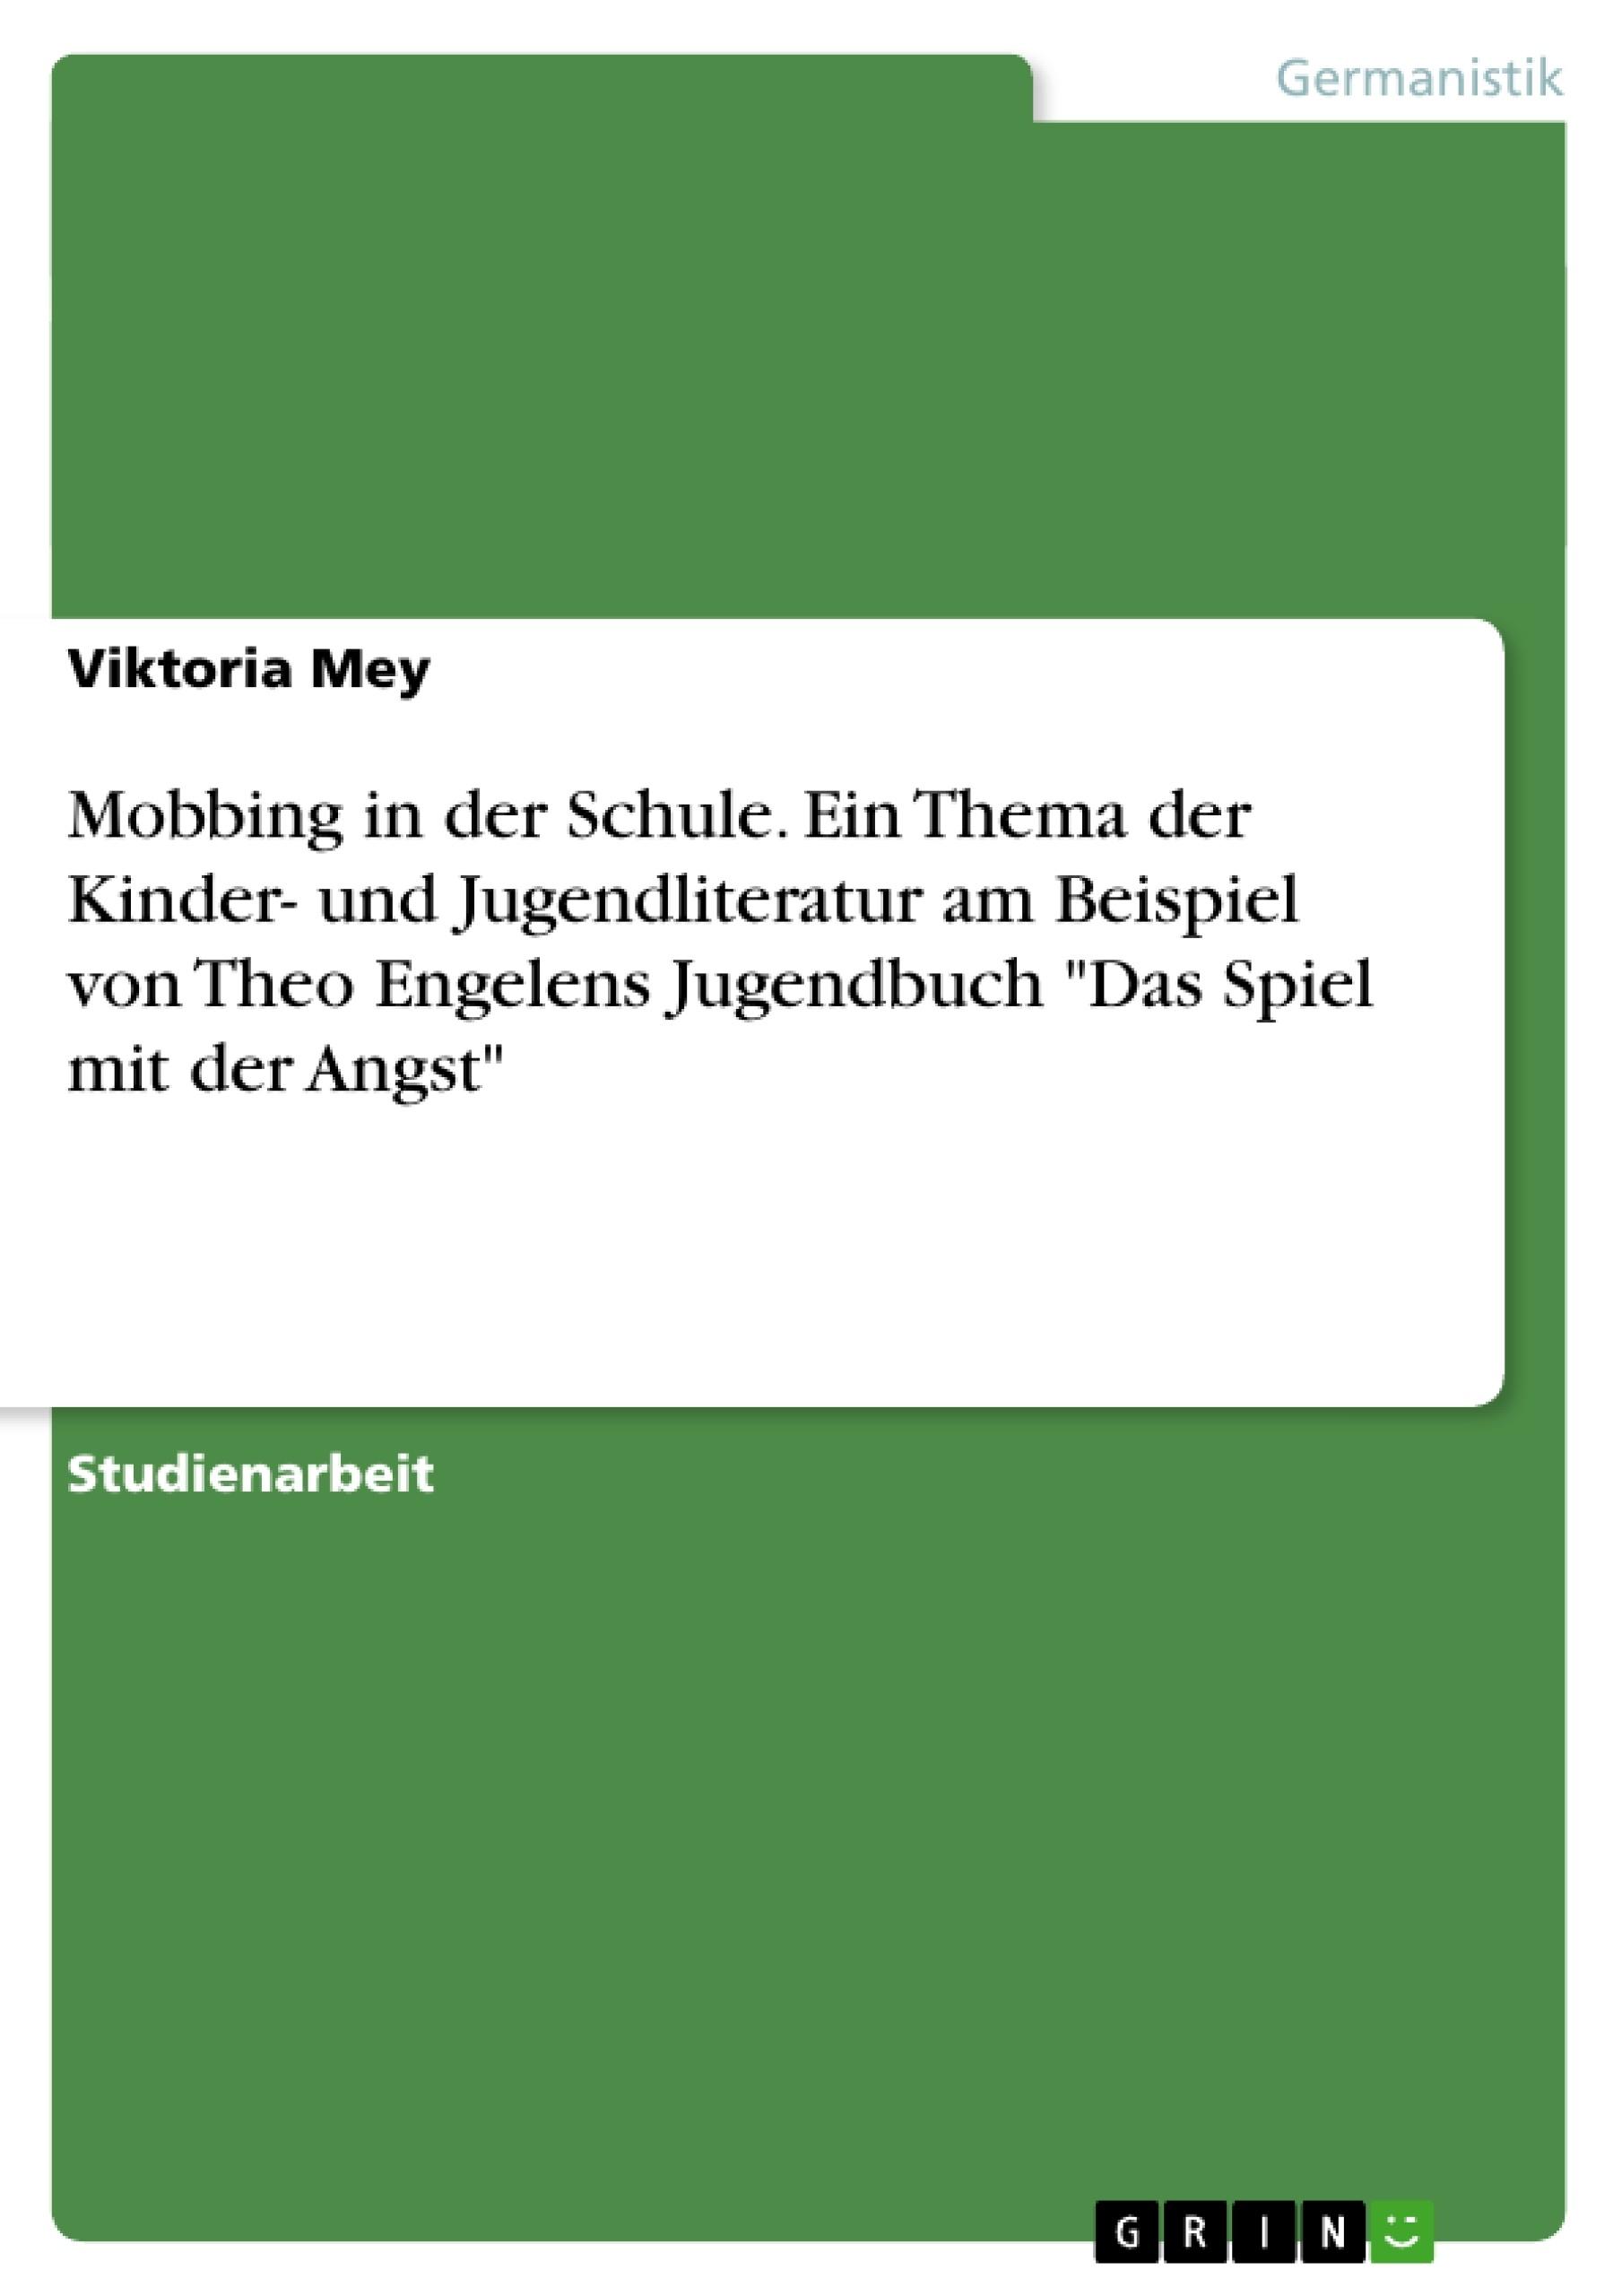 """Titel: Mobbing in der Schule. Ein Thema der Kinder- und Jugendliteratur am Beispiel von Theo Engelens Jugendbuch """"Das Spiel mit der Angst"""""""